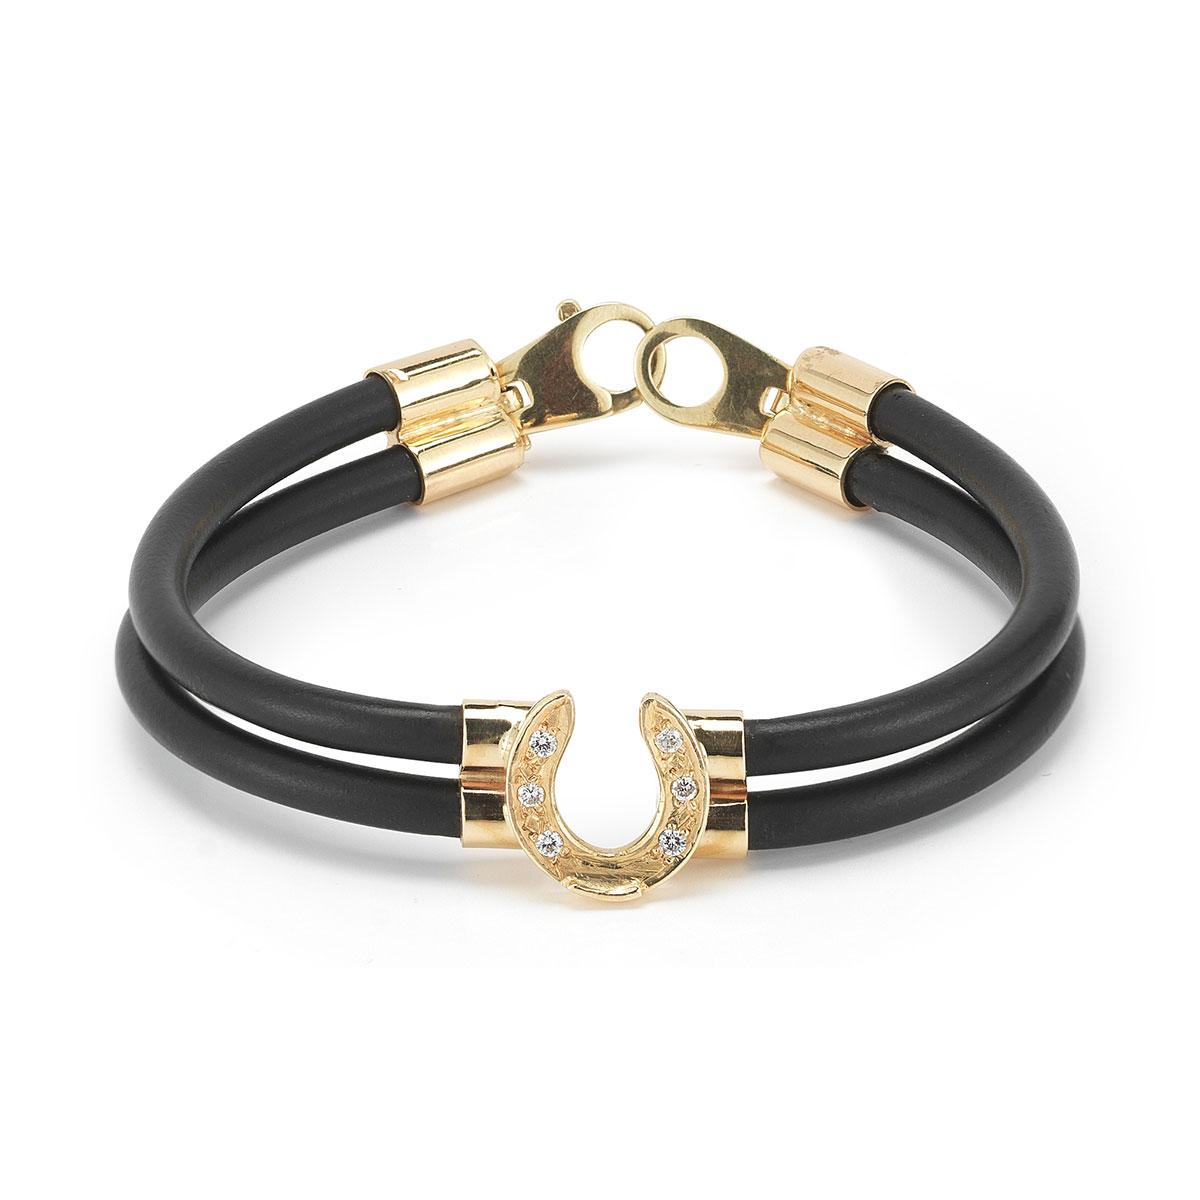 HL0841 Horseshoe Bracelet